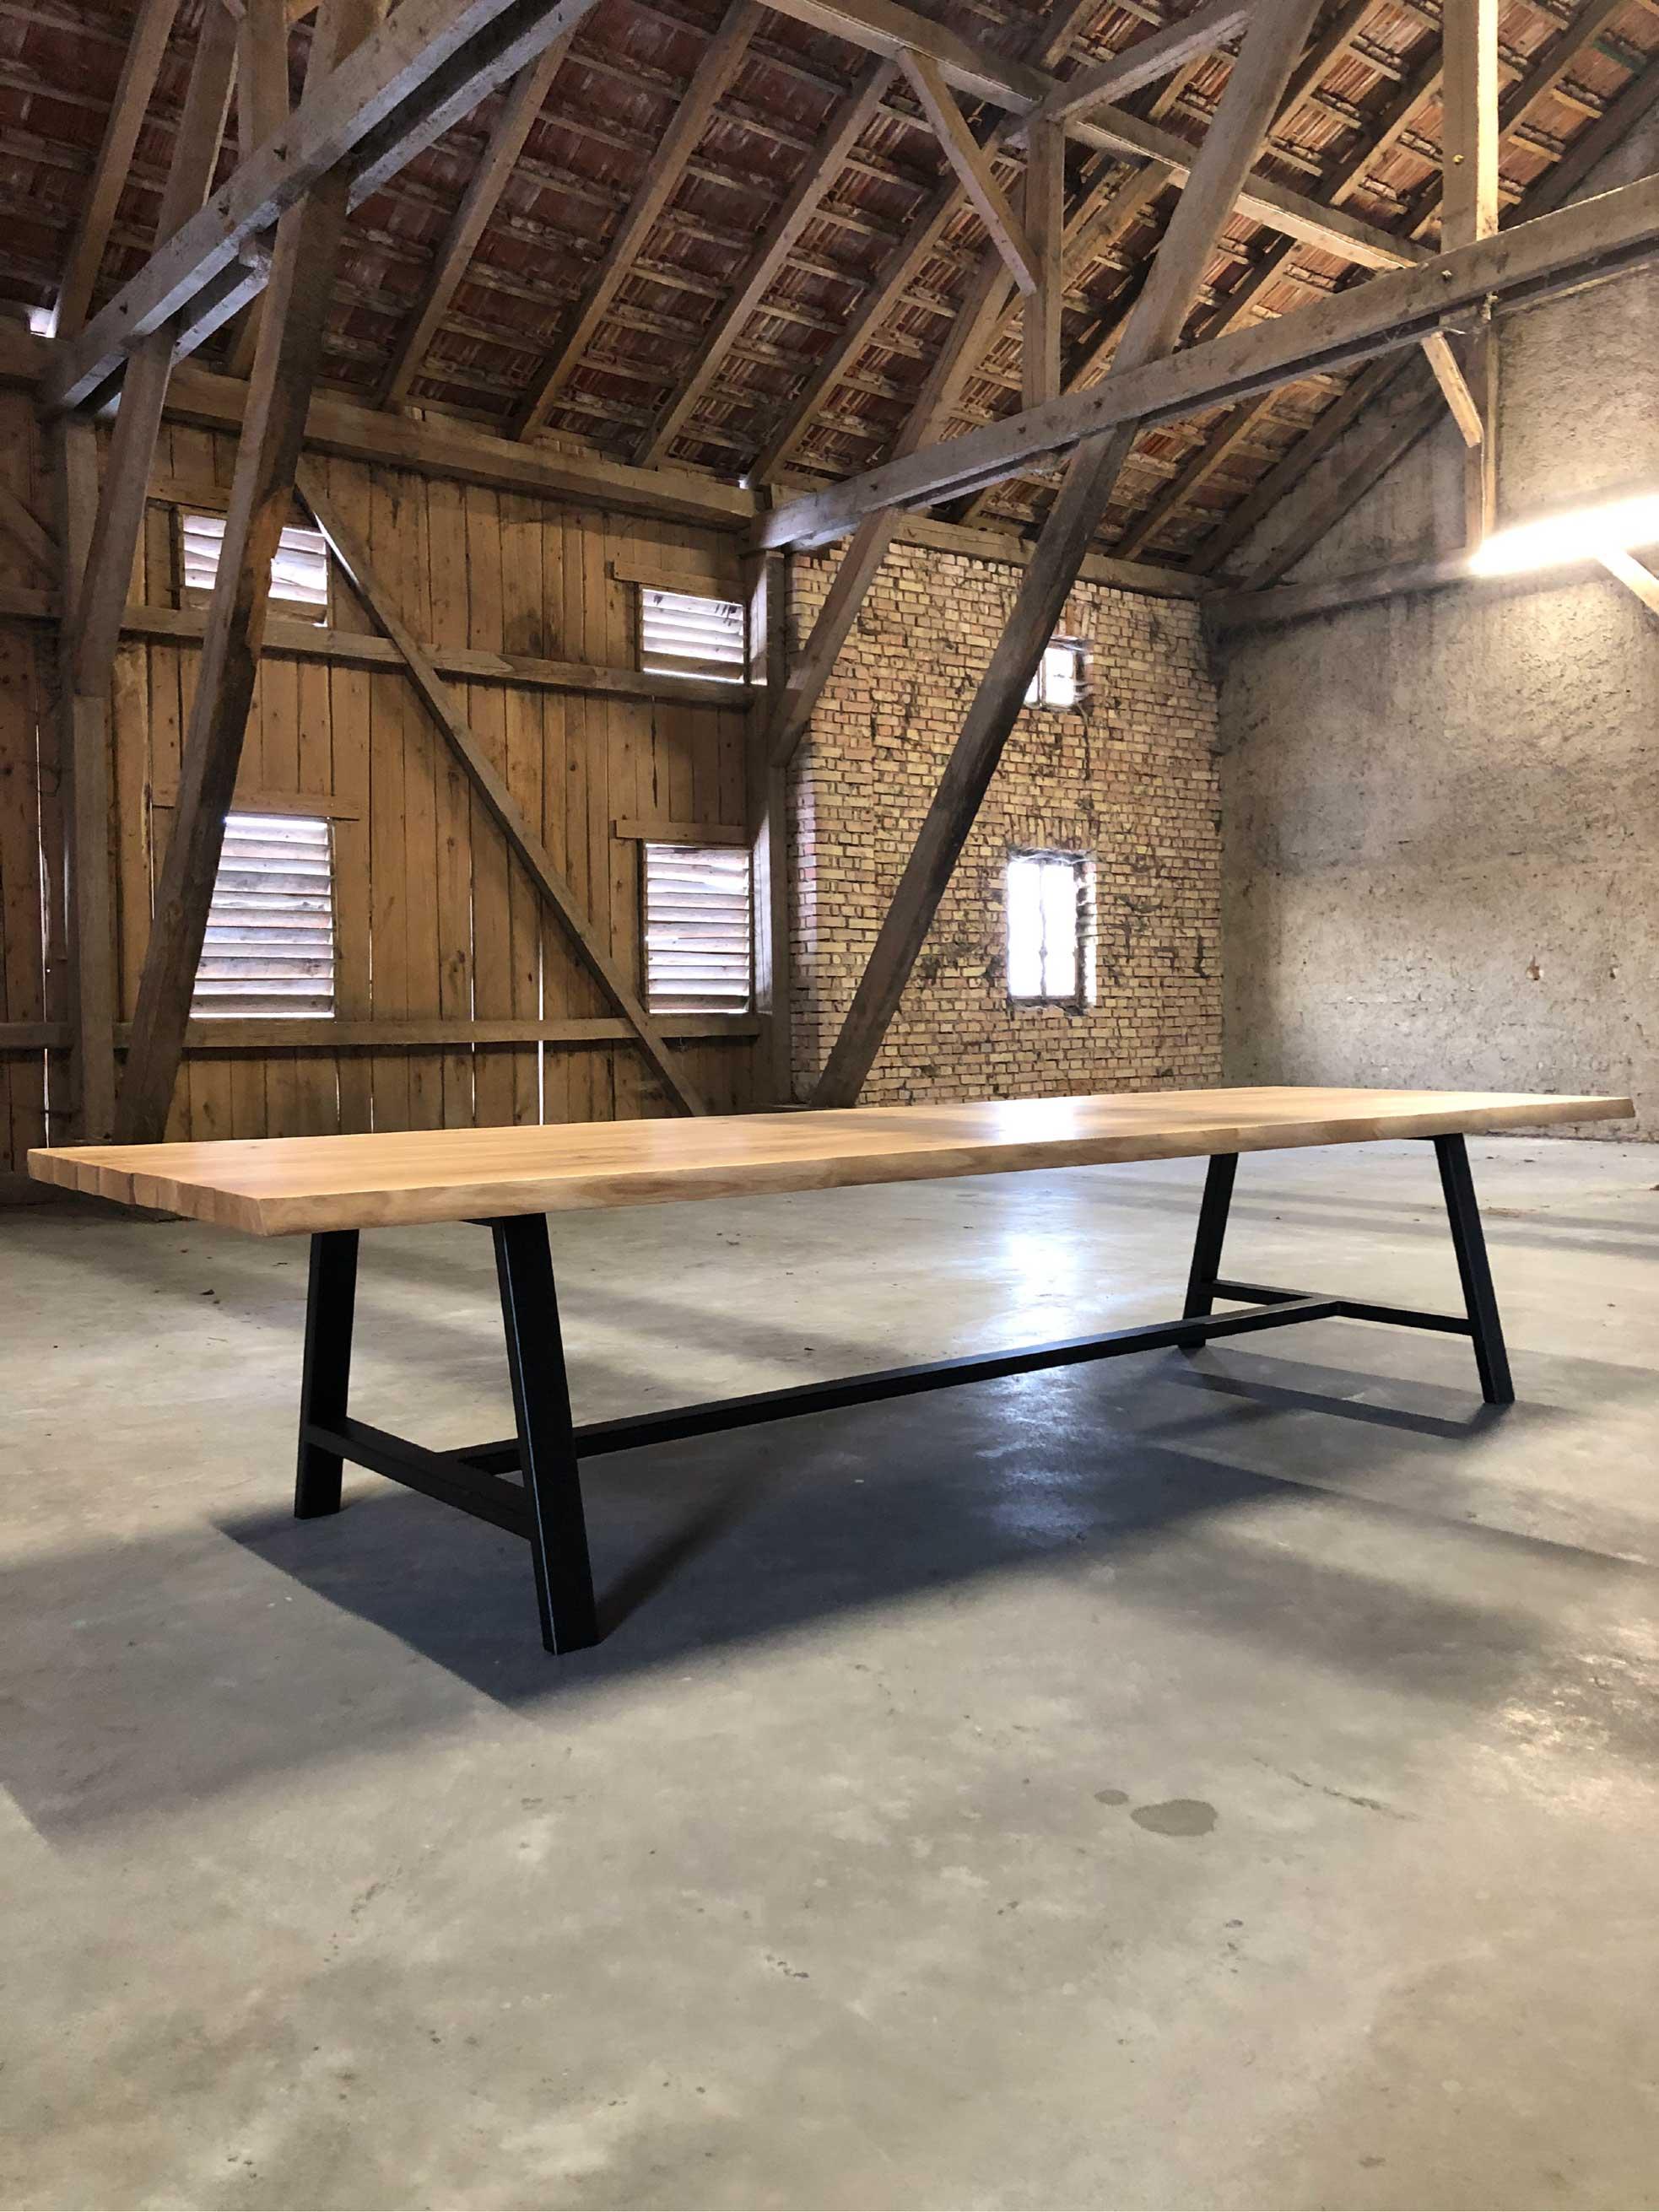 Holztisch steht in Holzhütte